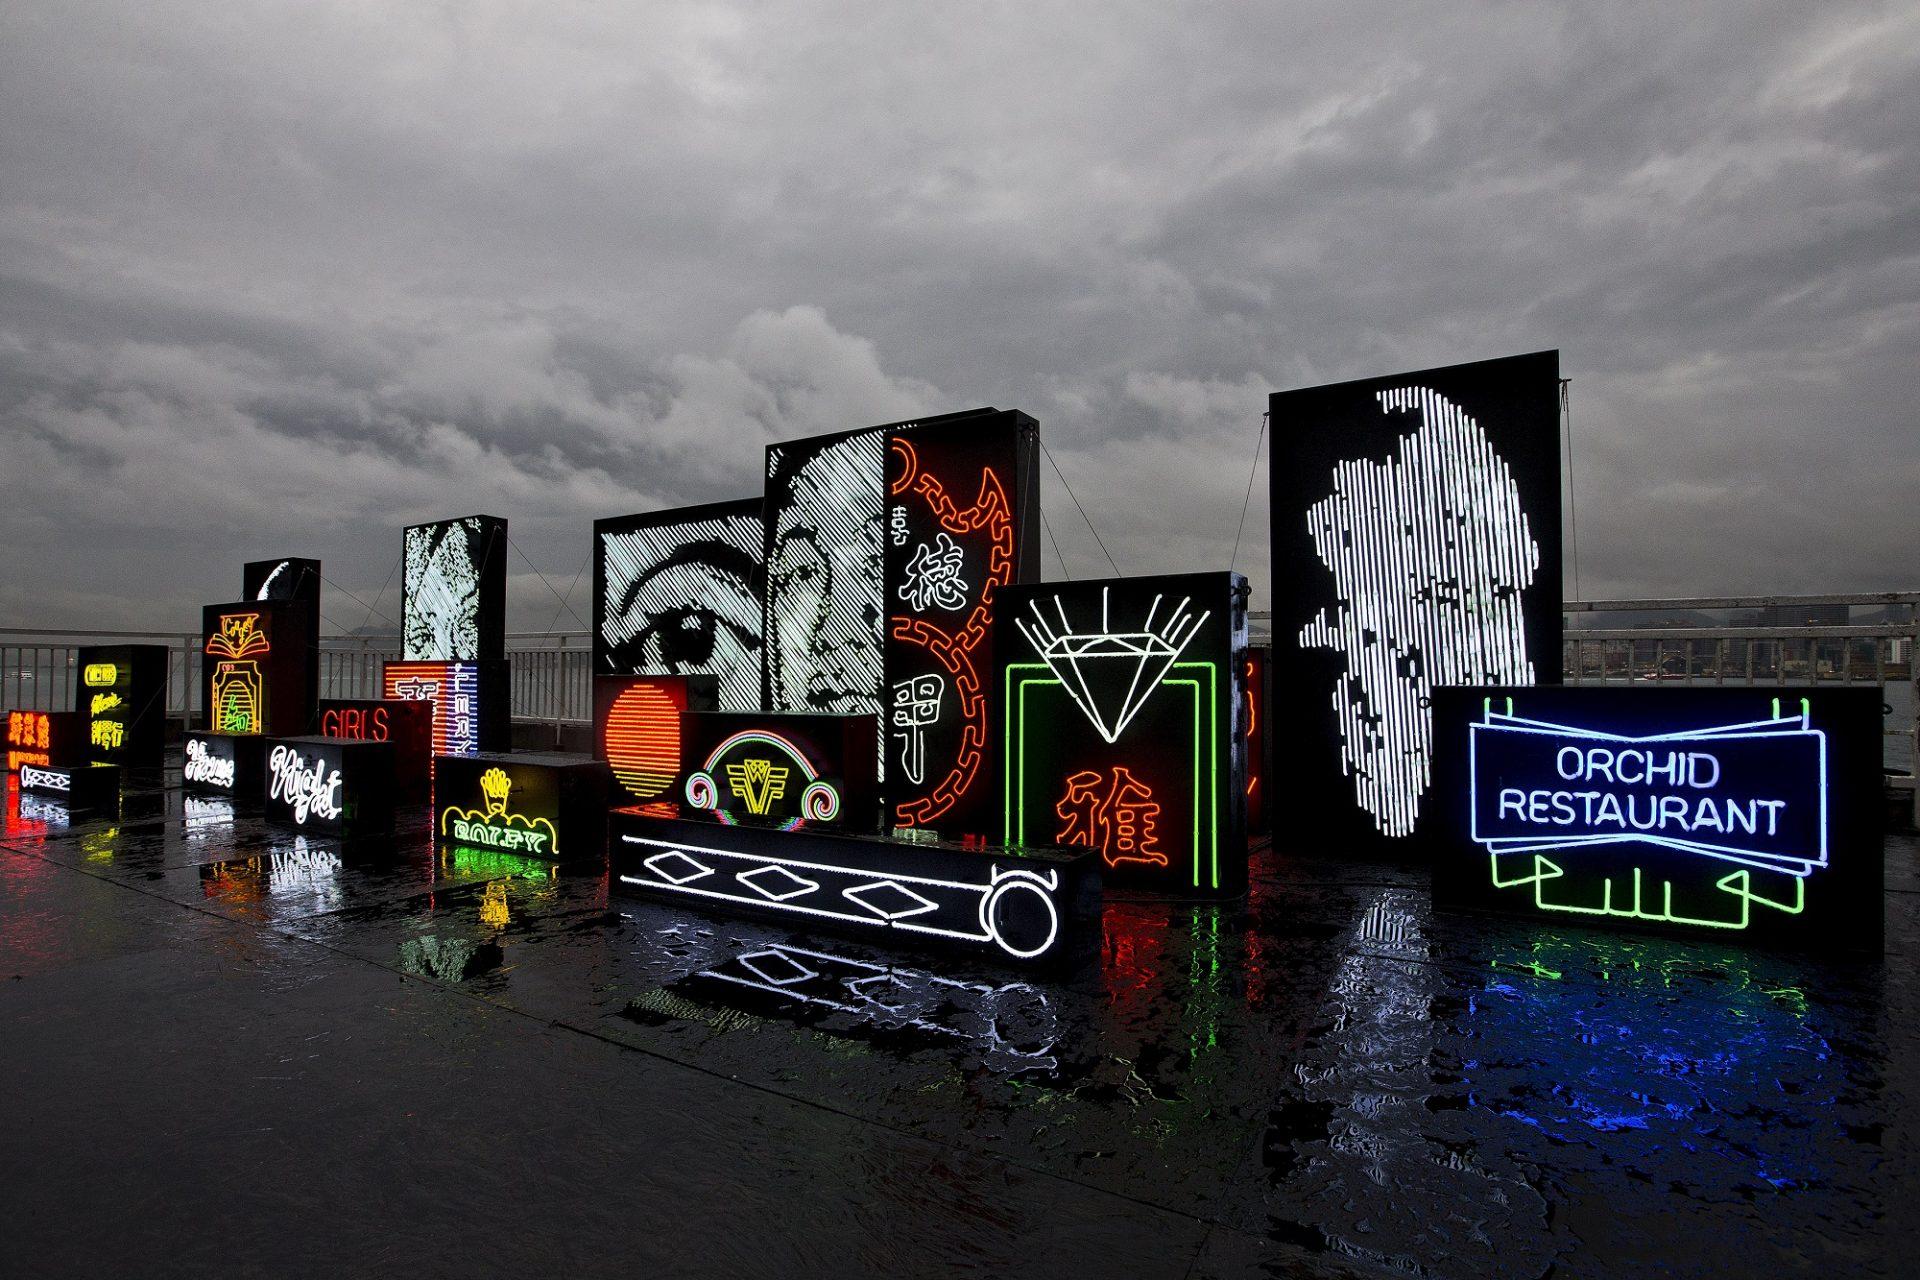 """O artista português Alexandre Farto, que assina como Vhils, inaugurou a 21 de Março de 2016 a sua primeira exposição individual em Hong Kong, uma mostra que reflete a cidade e a identidade de quem nela habita para ver mas sobretudo """"sentir"""". """"Debris"""", localizada no topo do Pier 4 (Cais 4), com vista para a outra margem, figura como a primeira exposição individual de Vhils na antiga colónia britânica, 21 de Março de 2016, Hong Kong. CARMO CORREIA/LUSA"""